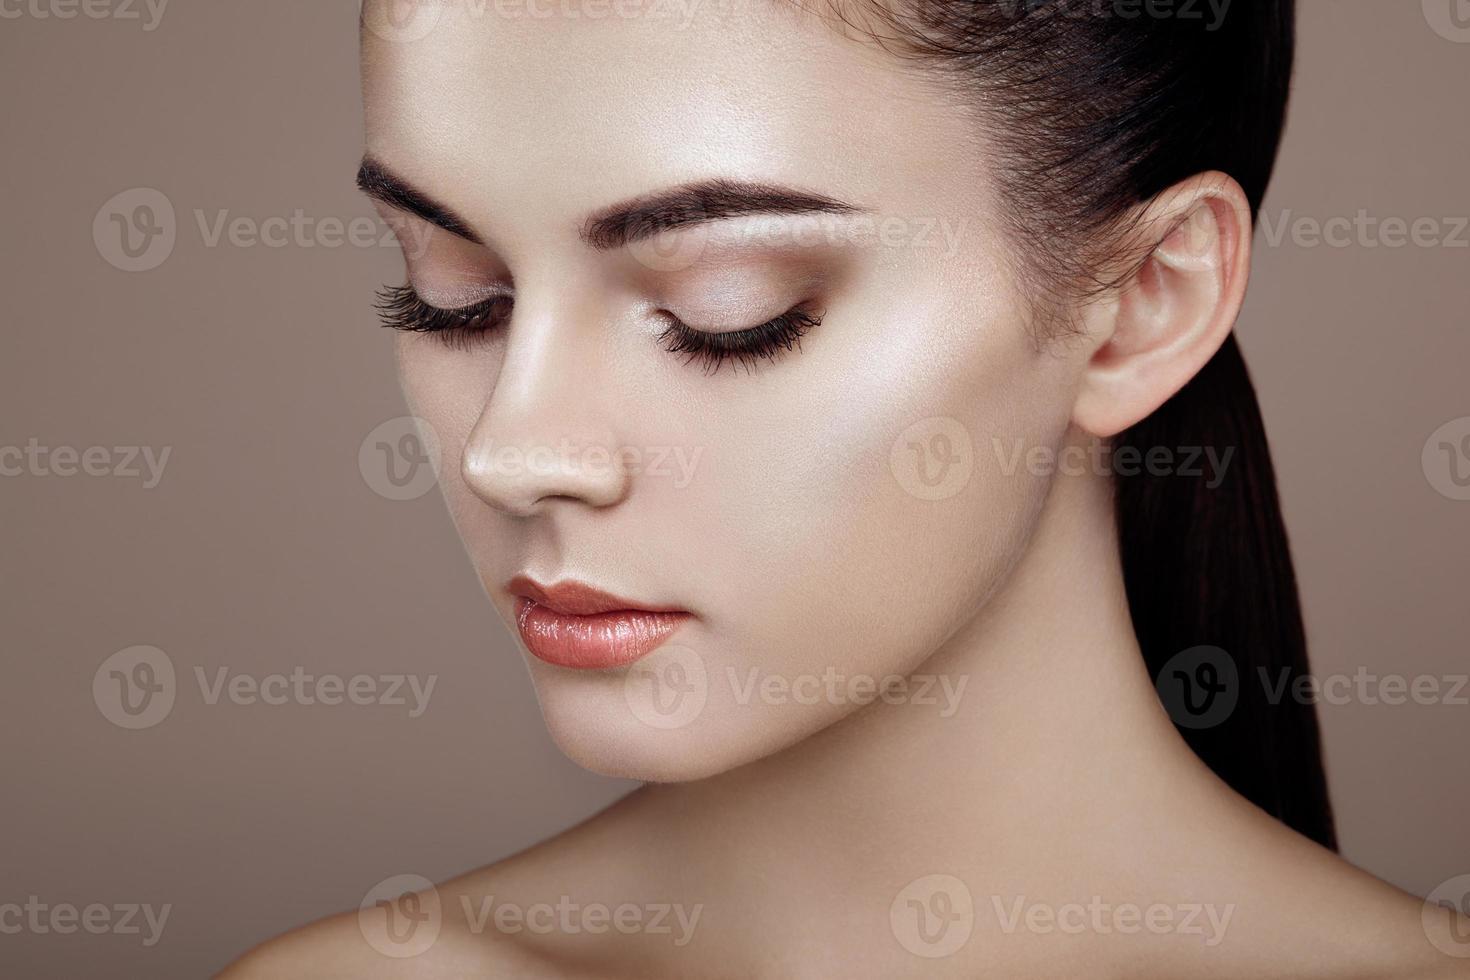 volto di donna bellissima foto